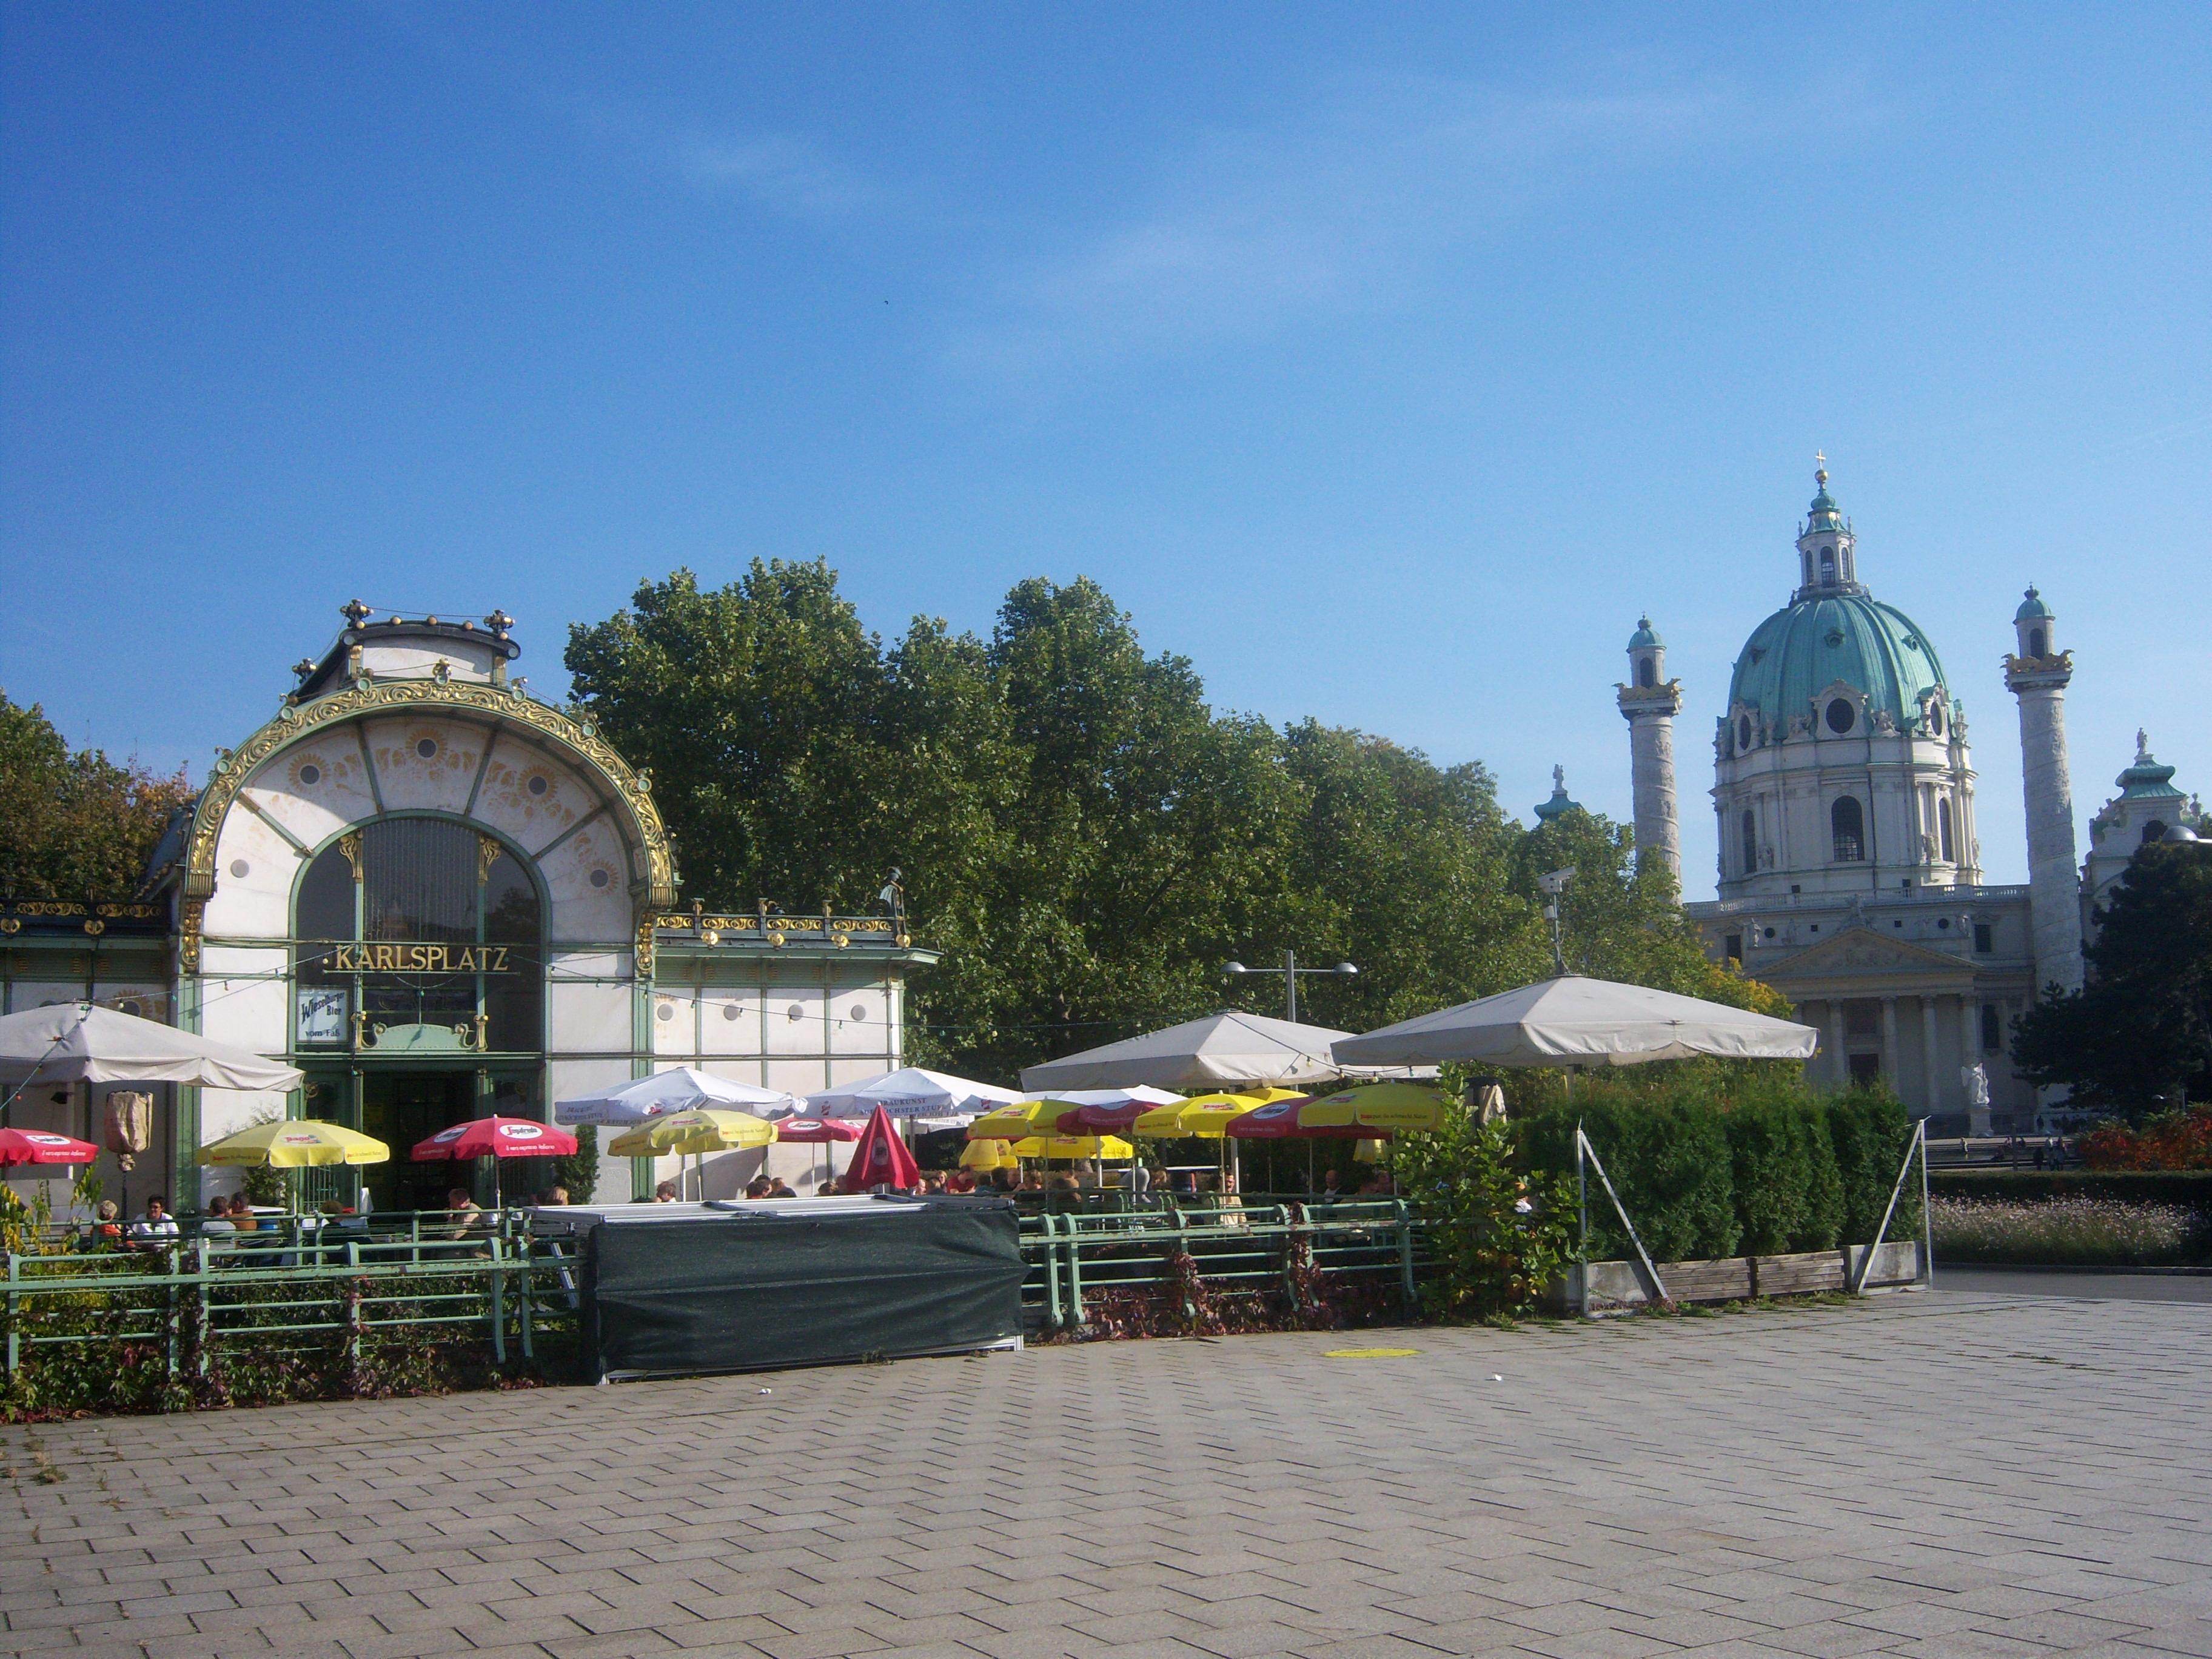 Karlsplatz5.JPG